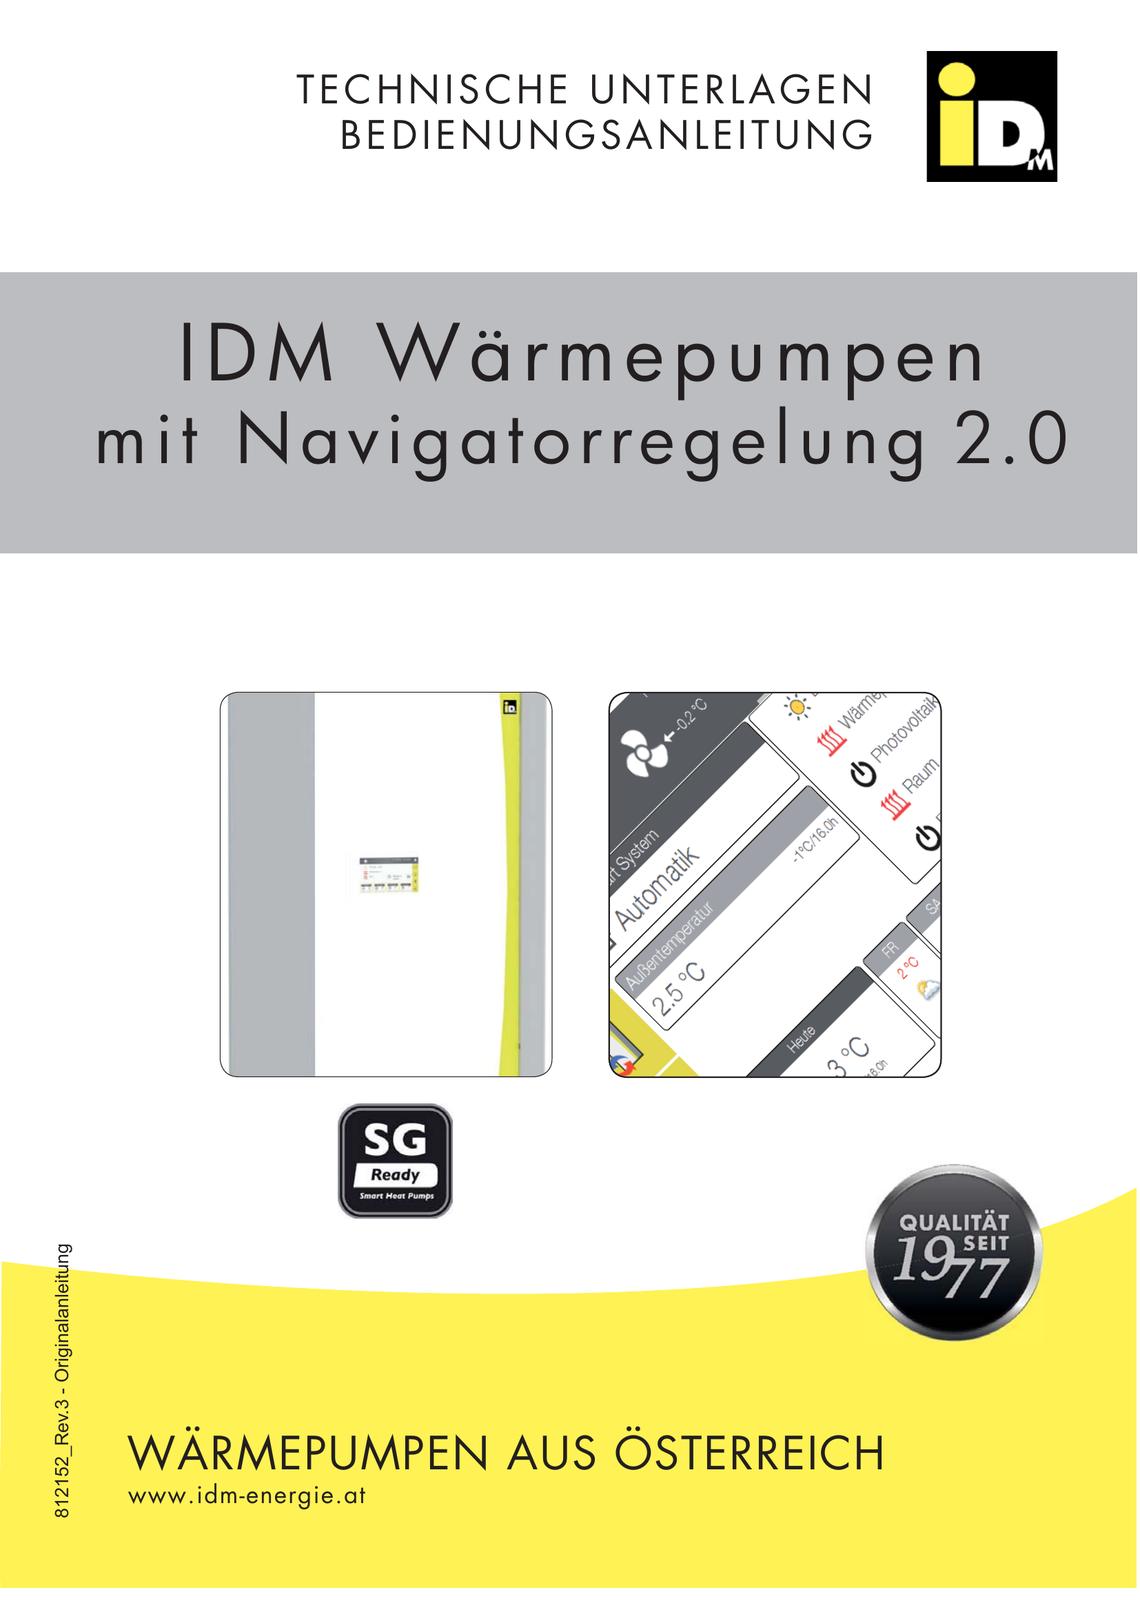 iDM_Navigator 2.0